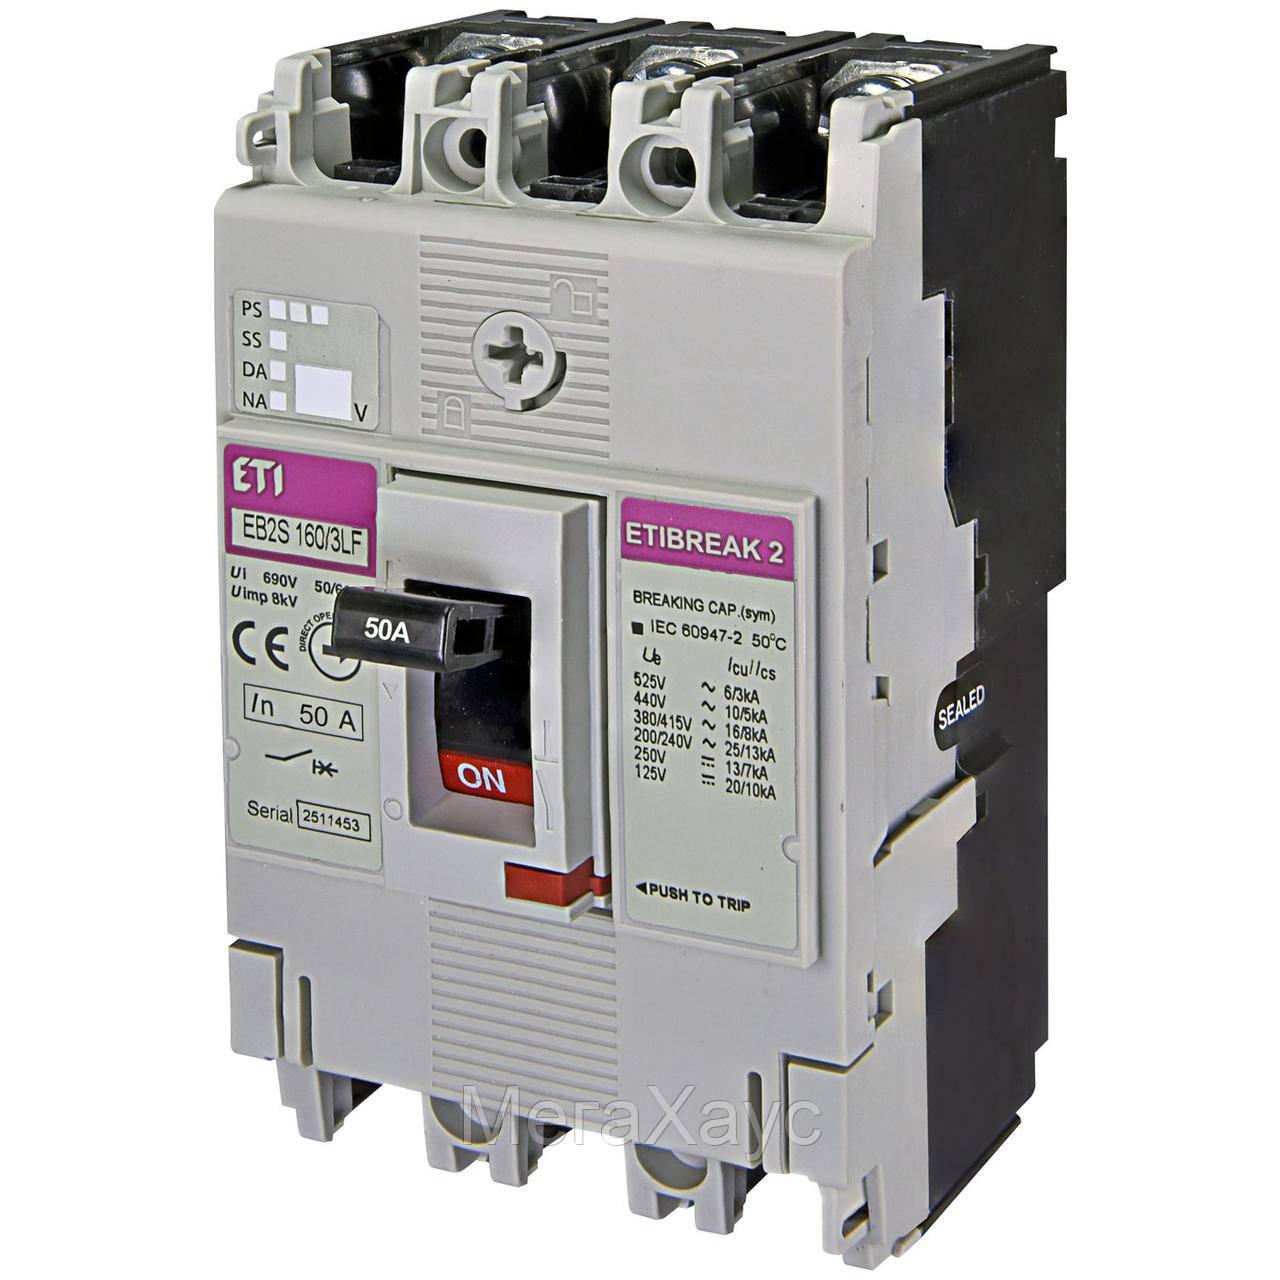 Промышленный автоматический выключатель ETI ETIBREAK   EB2S 160/3LF  50А 3P (16kA фикс.настр.)